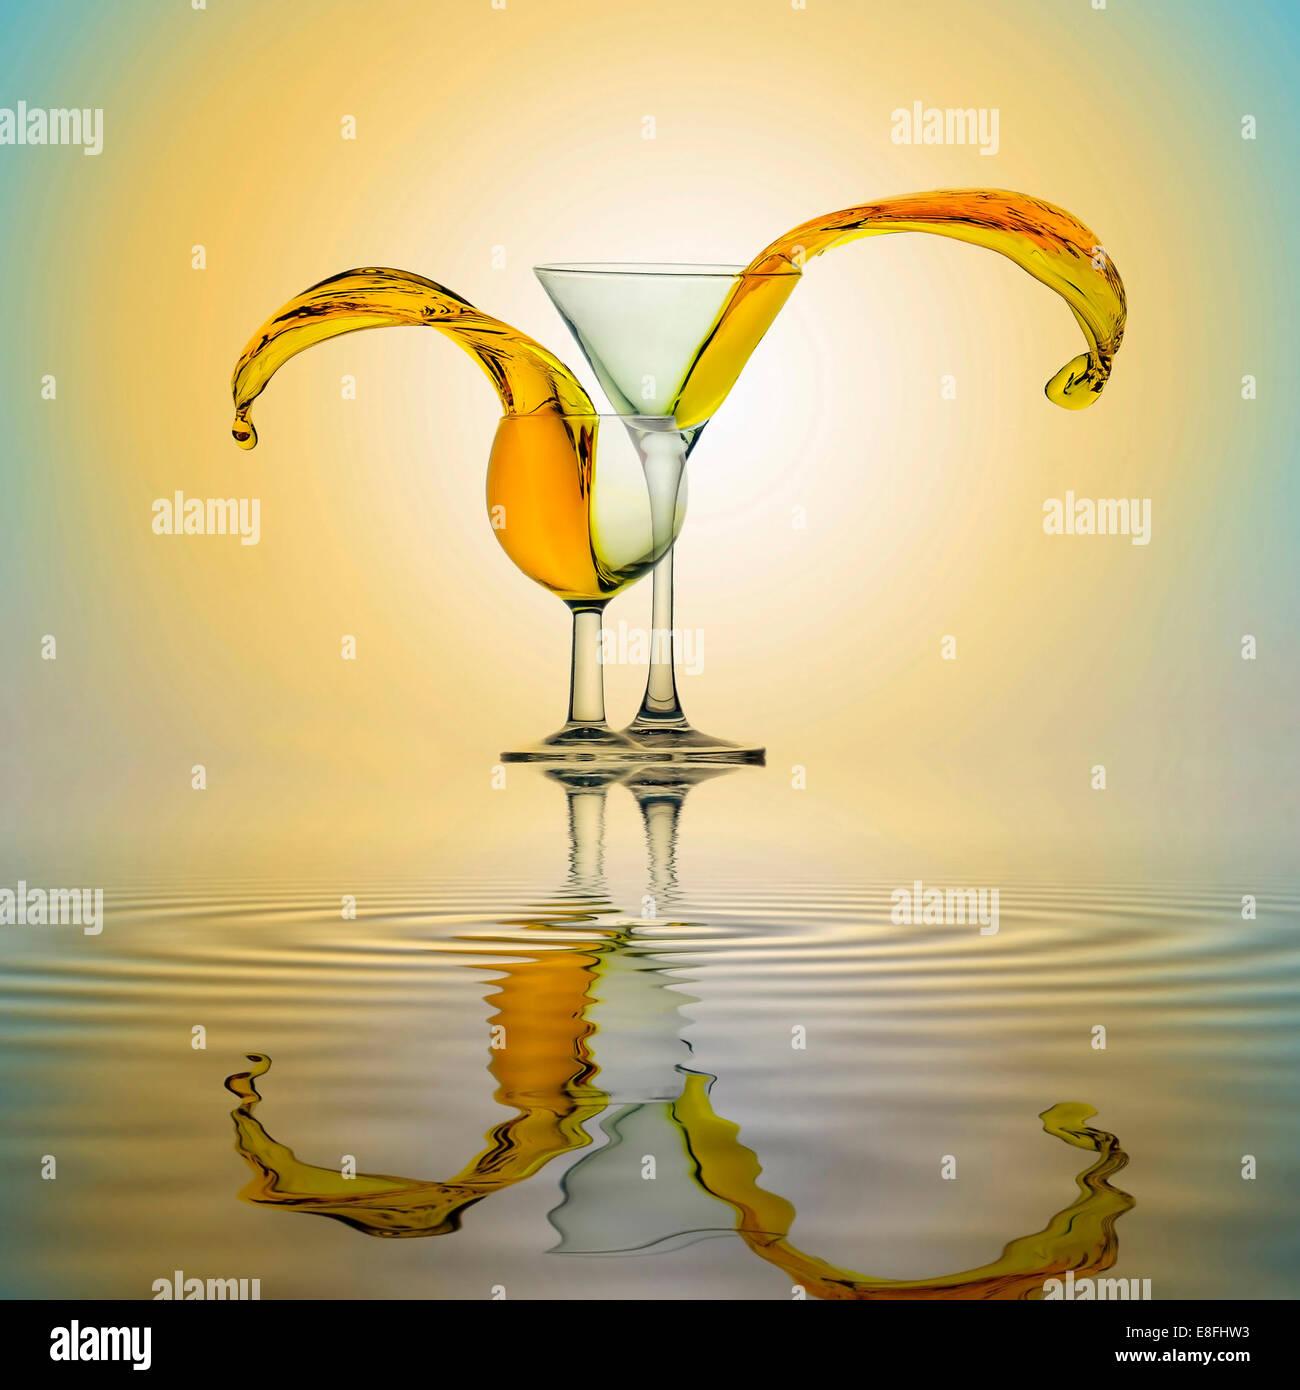 Une projection d'eau jaune à partir de deux verres côte à côte sur la surface de l'eau Photo Stock